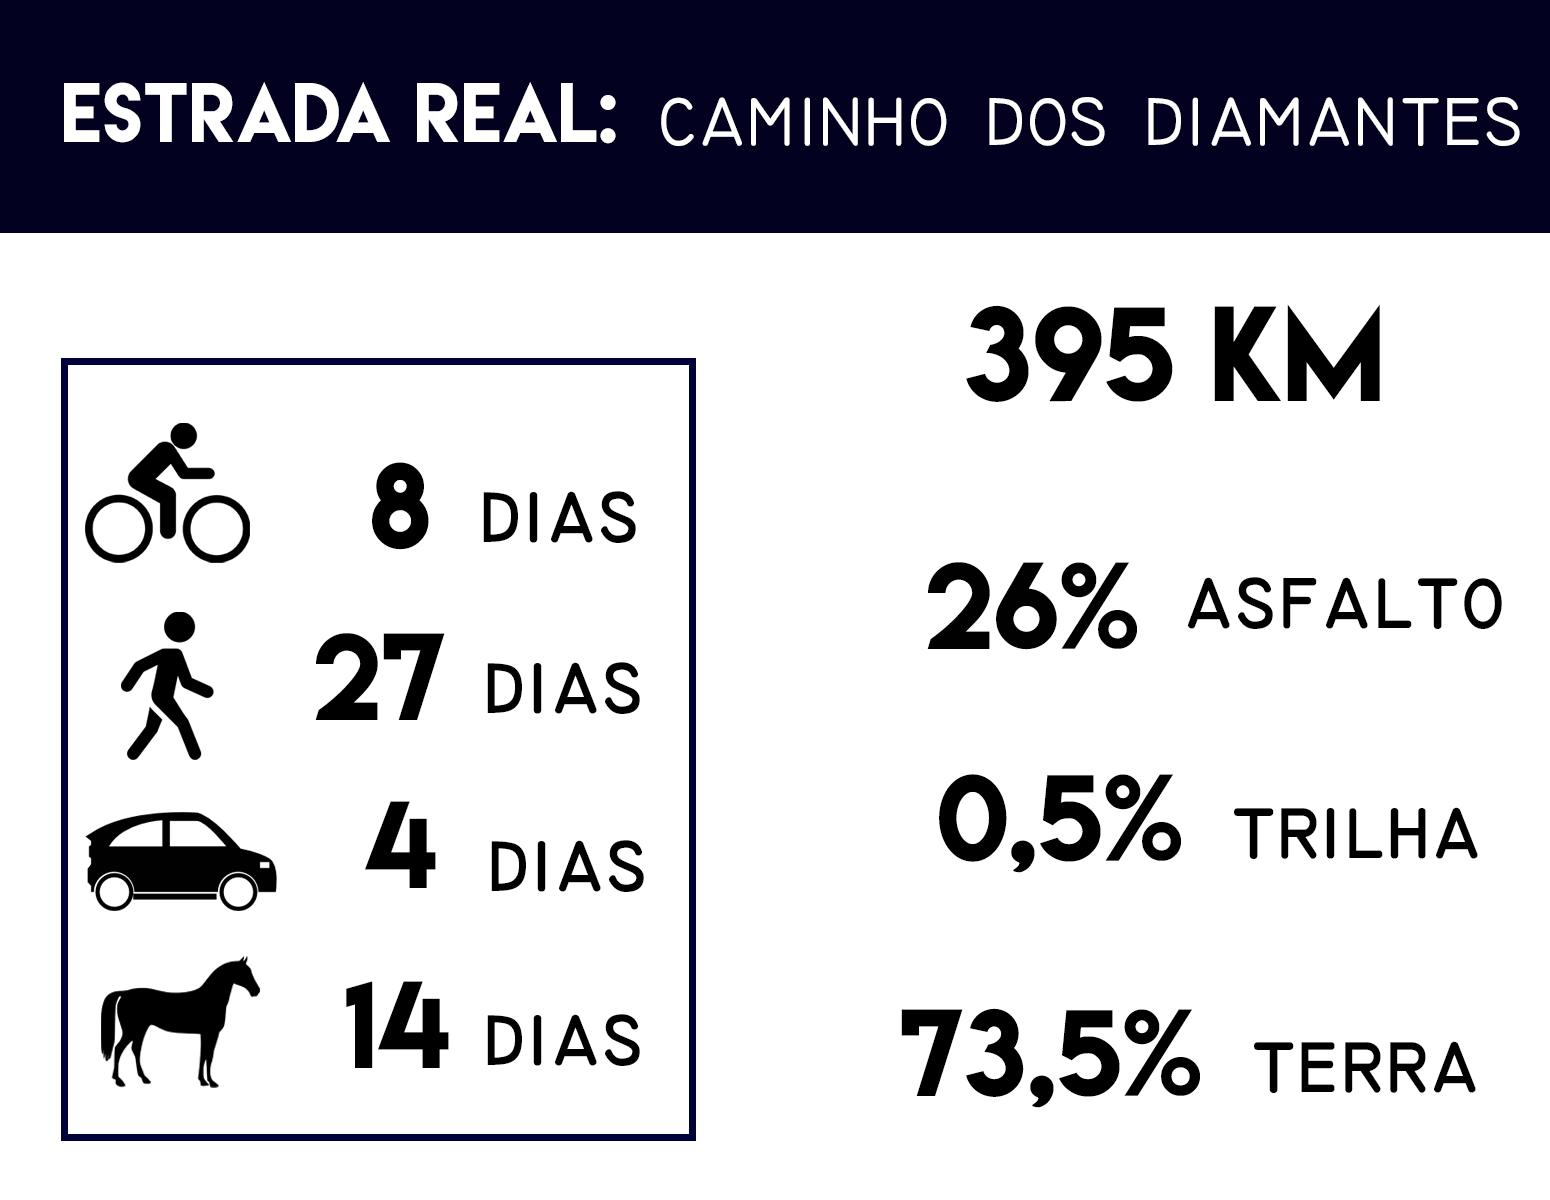 Caminho-dos-Diamantes Estrada Real: Por onde começar?